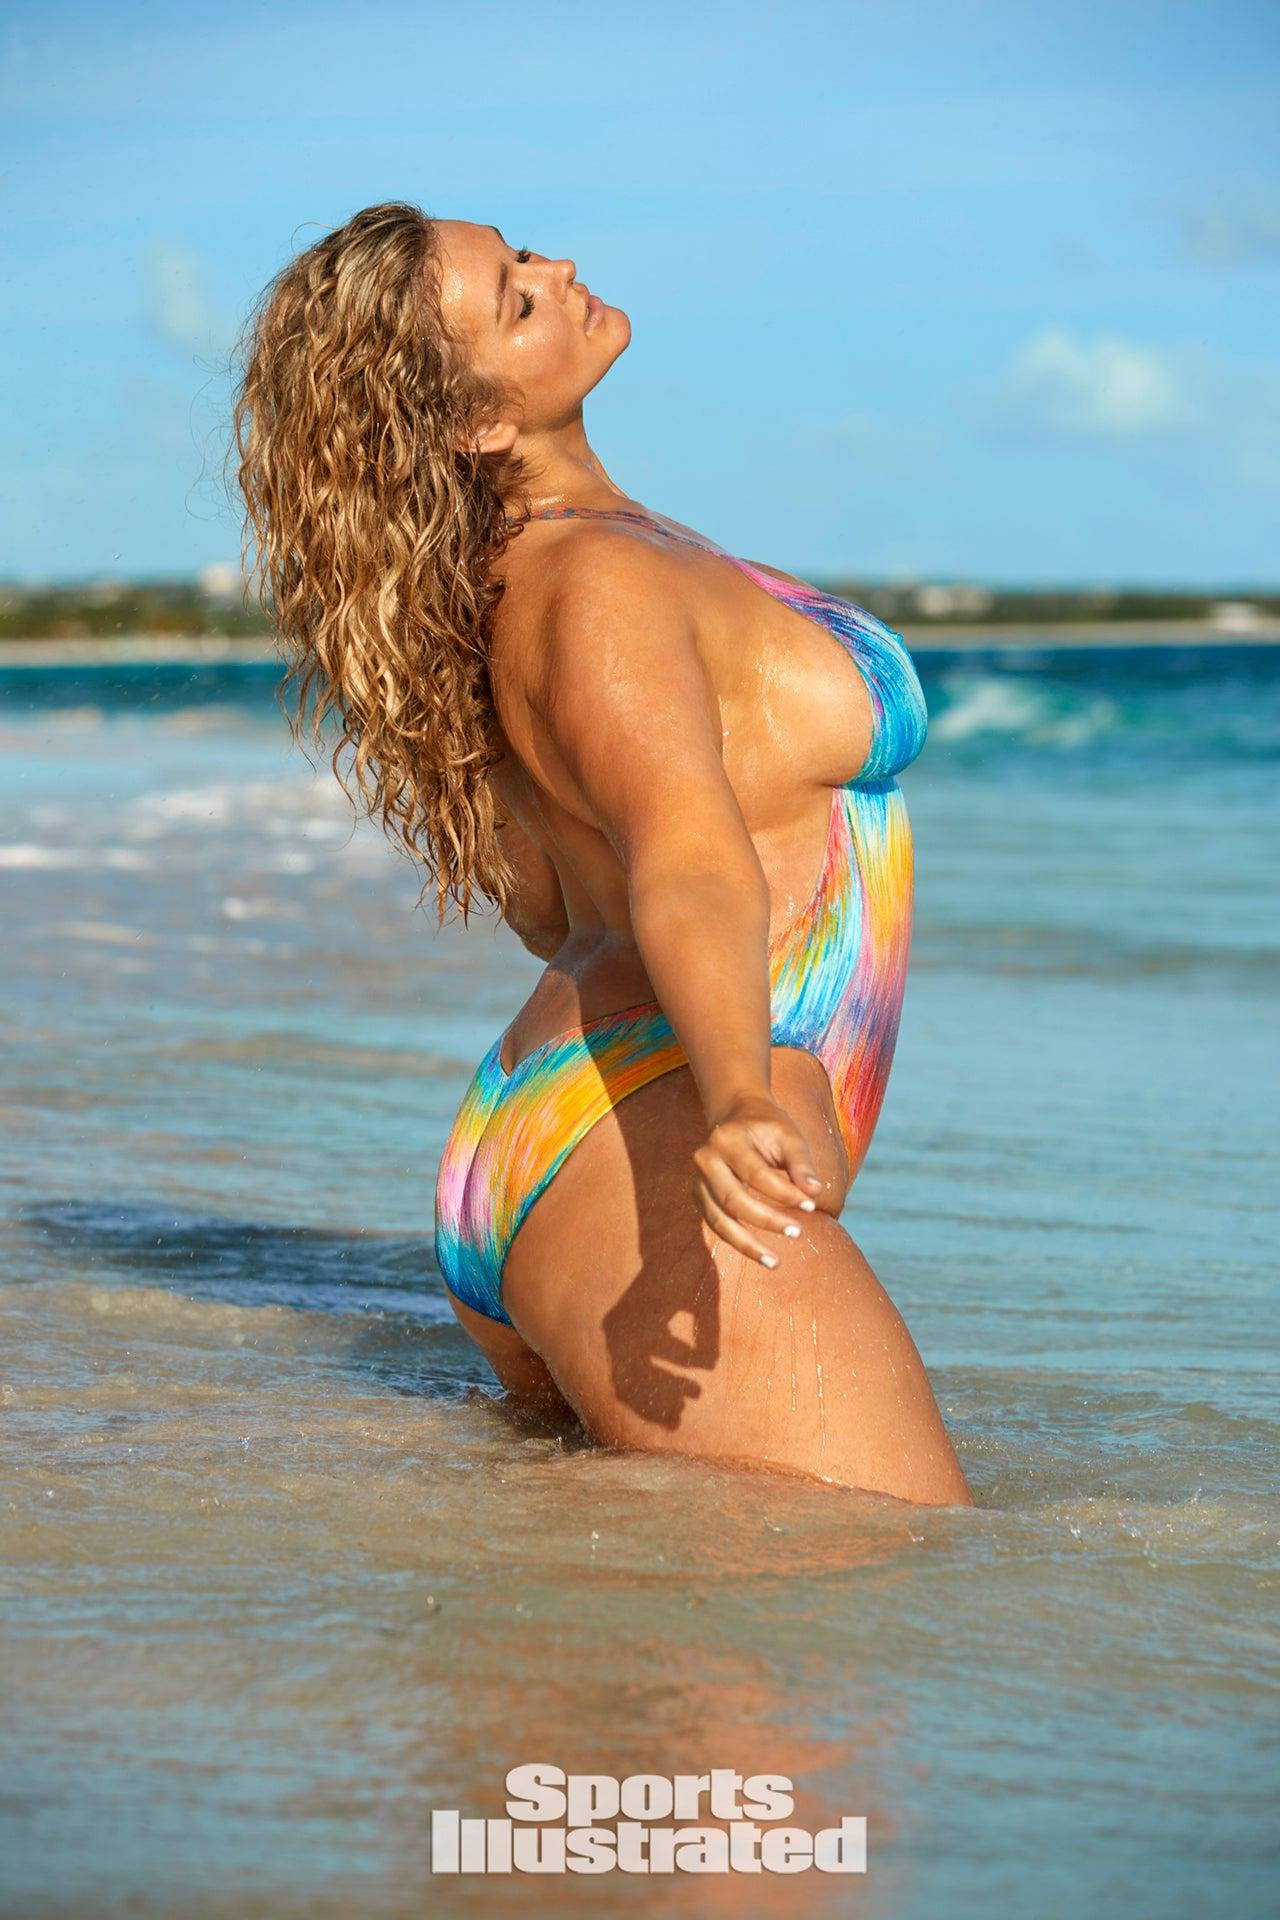 tyra banks bikini